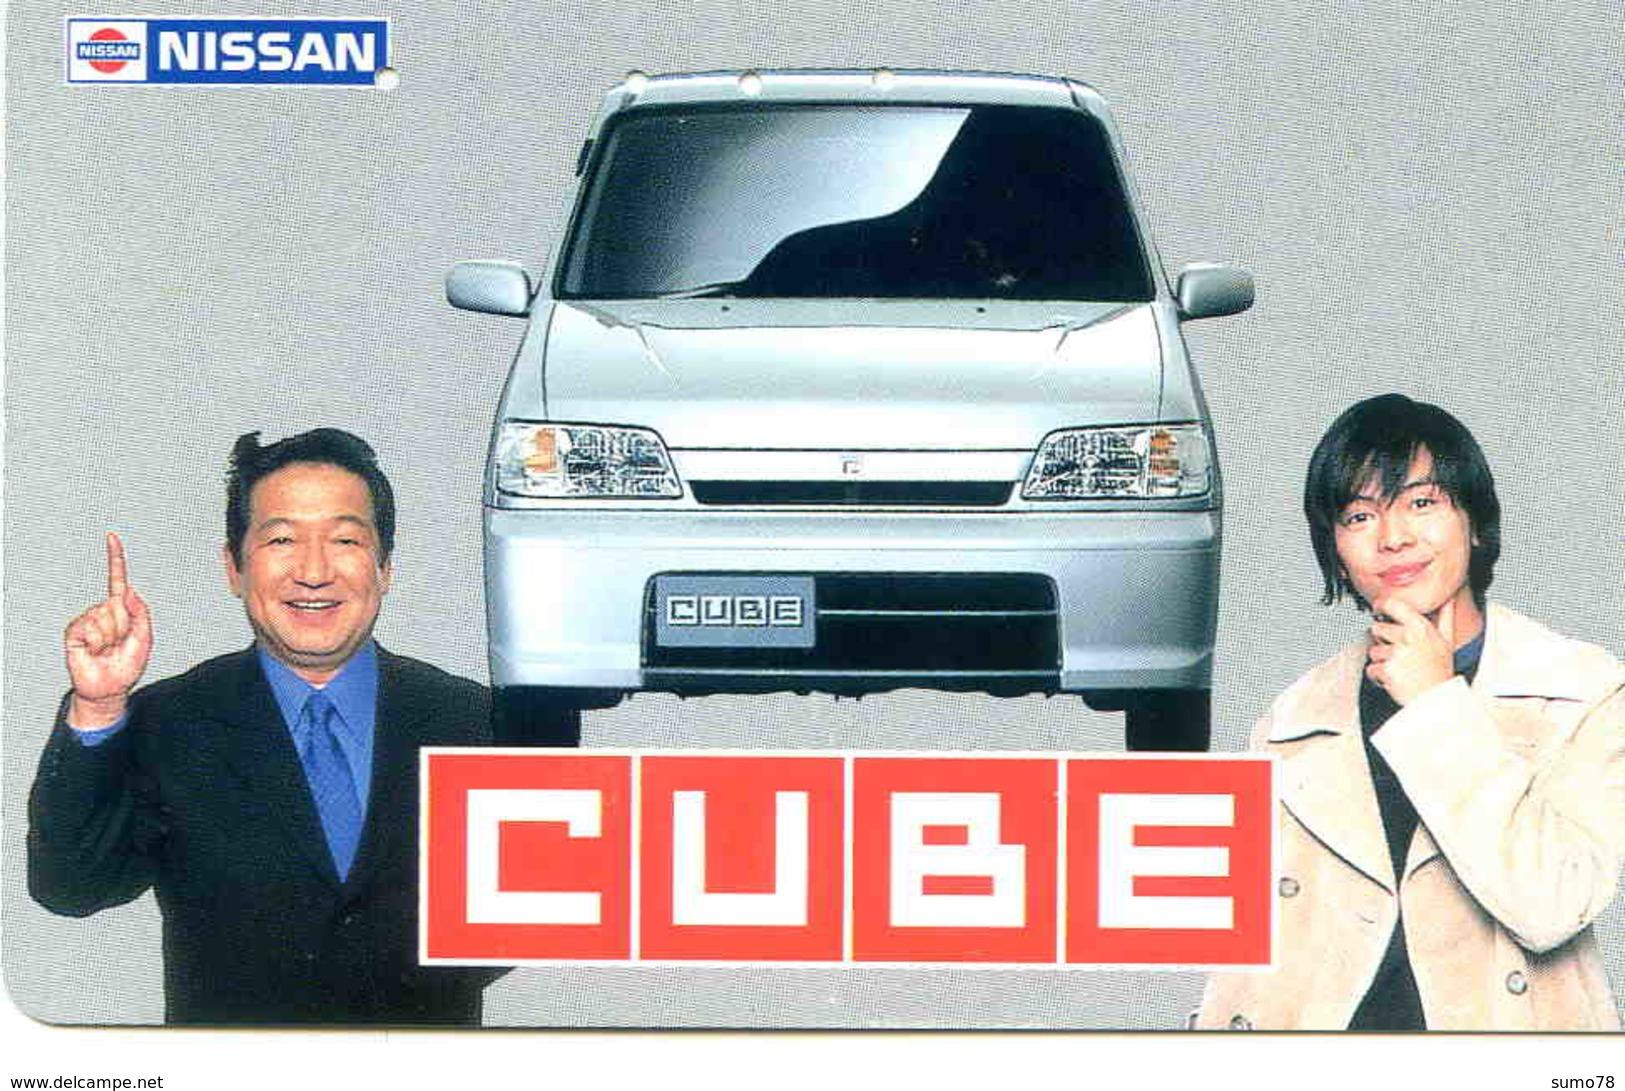 NISSAN - TELECARTE JAPON  - VOITURE - AUTOMOBILE - CAR - Cars